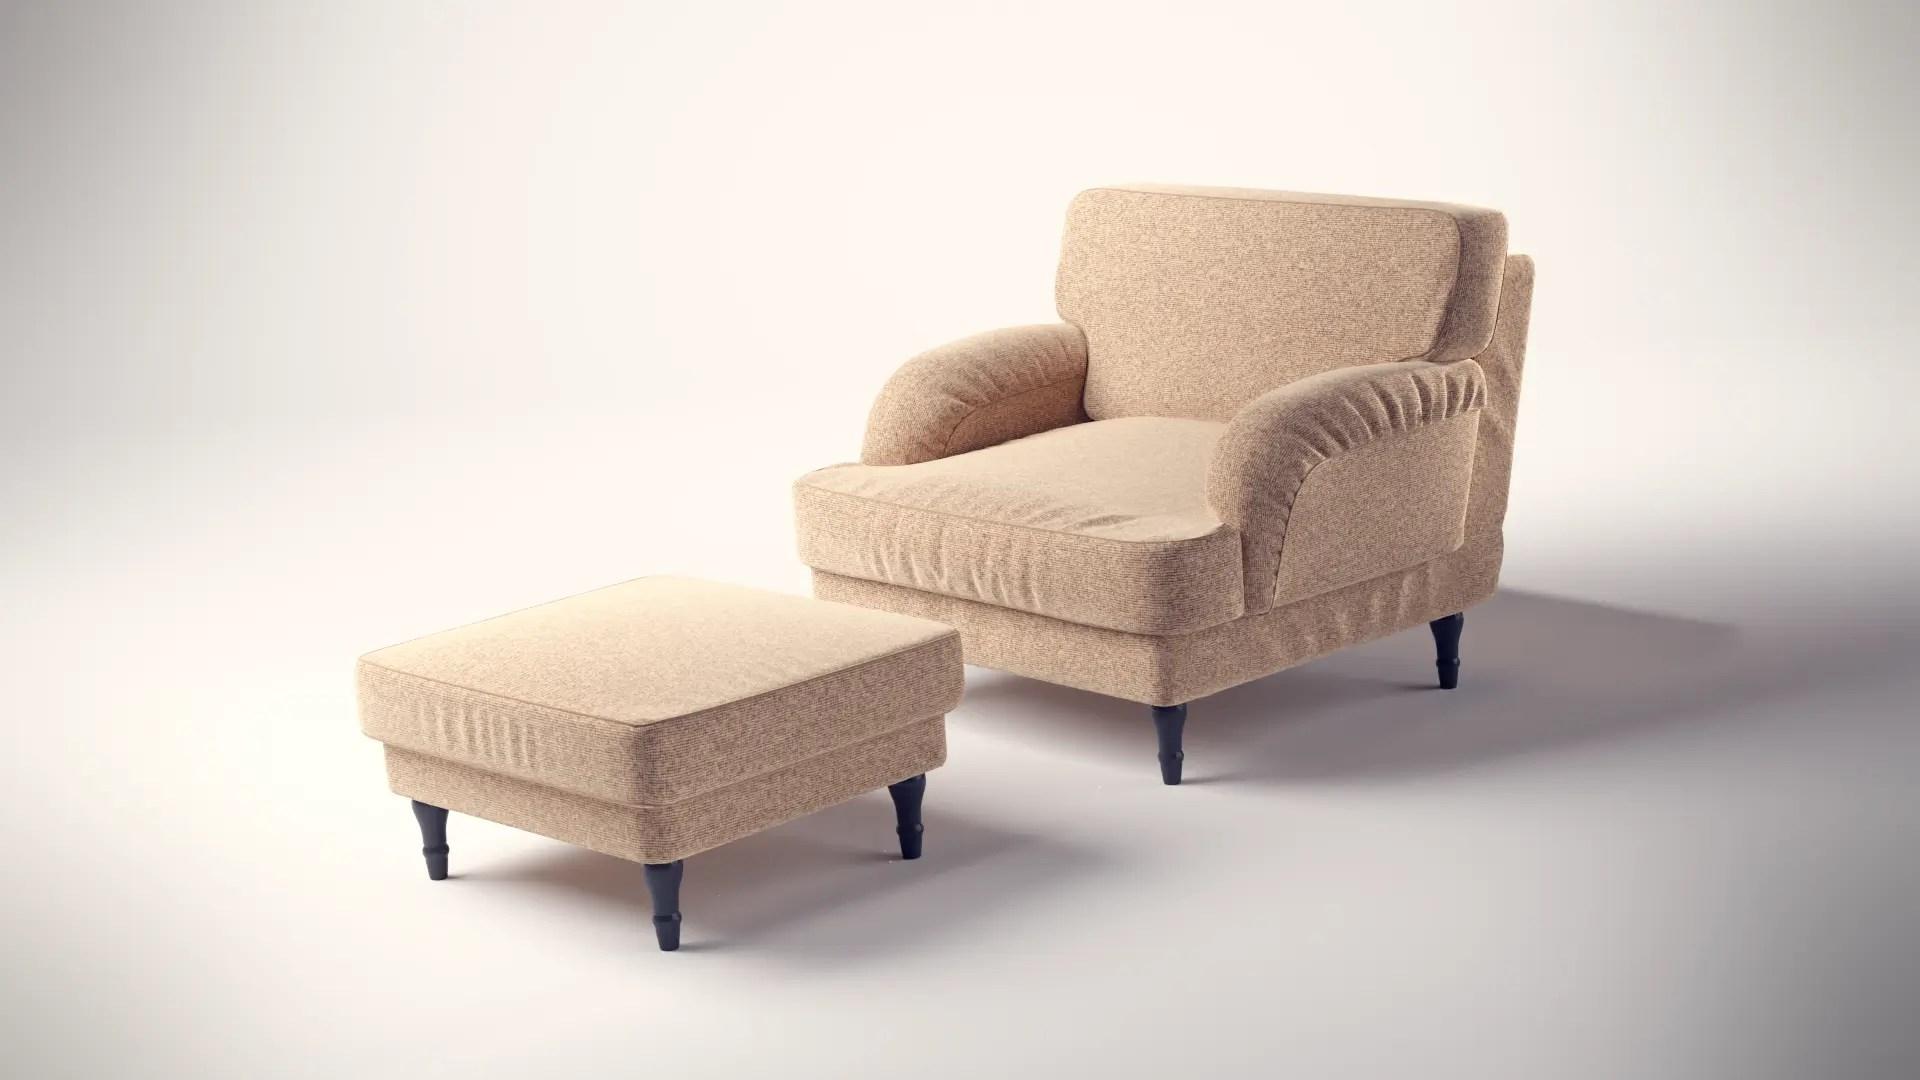 3D Produktvisualisierung mit einem Sessel mit einer zusätzlichen Fußlehne, wie man es bei Ikea finden würde, gerendert mit blender Cycles